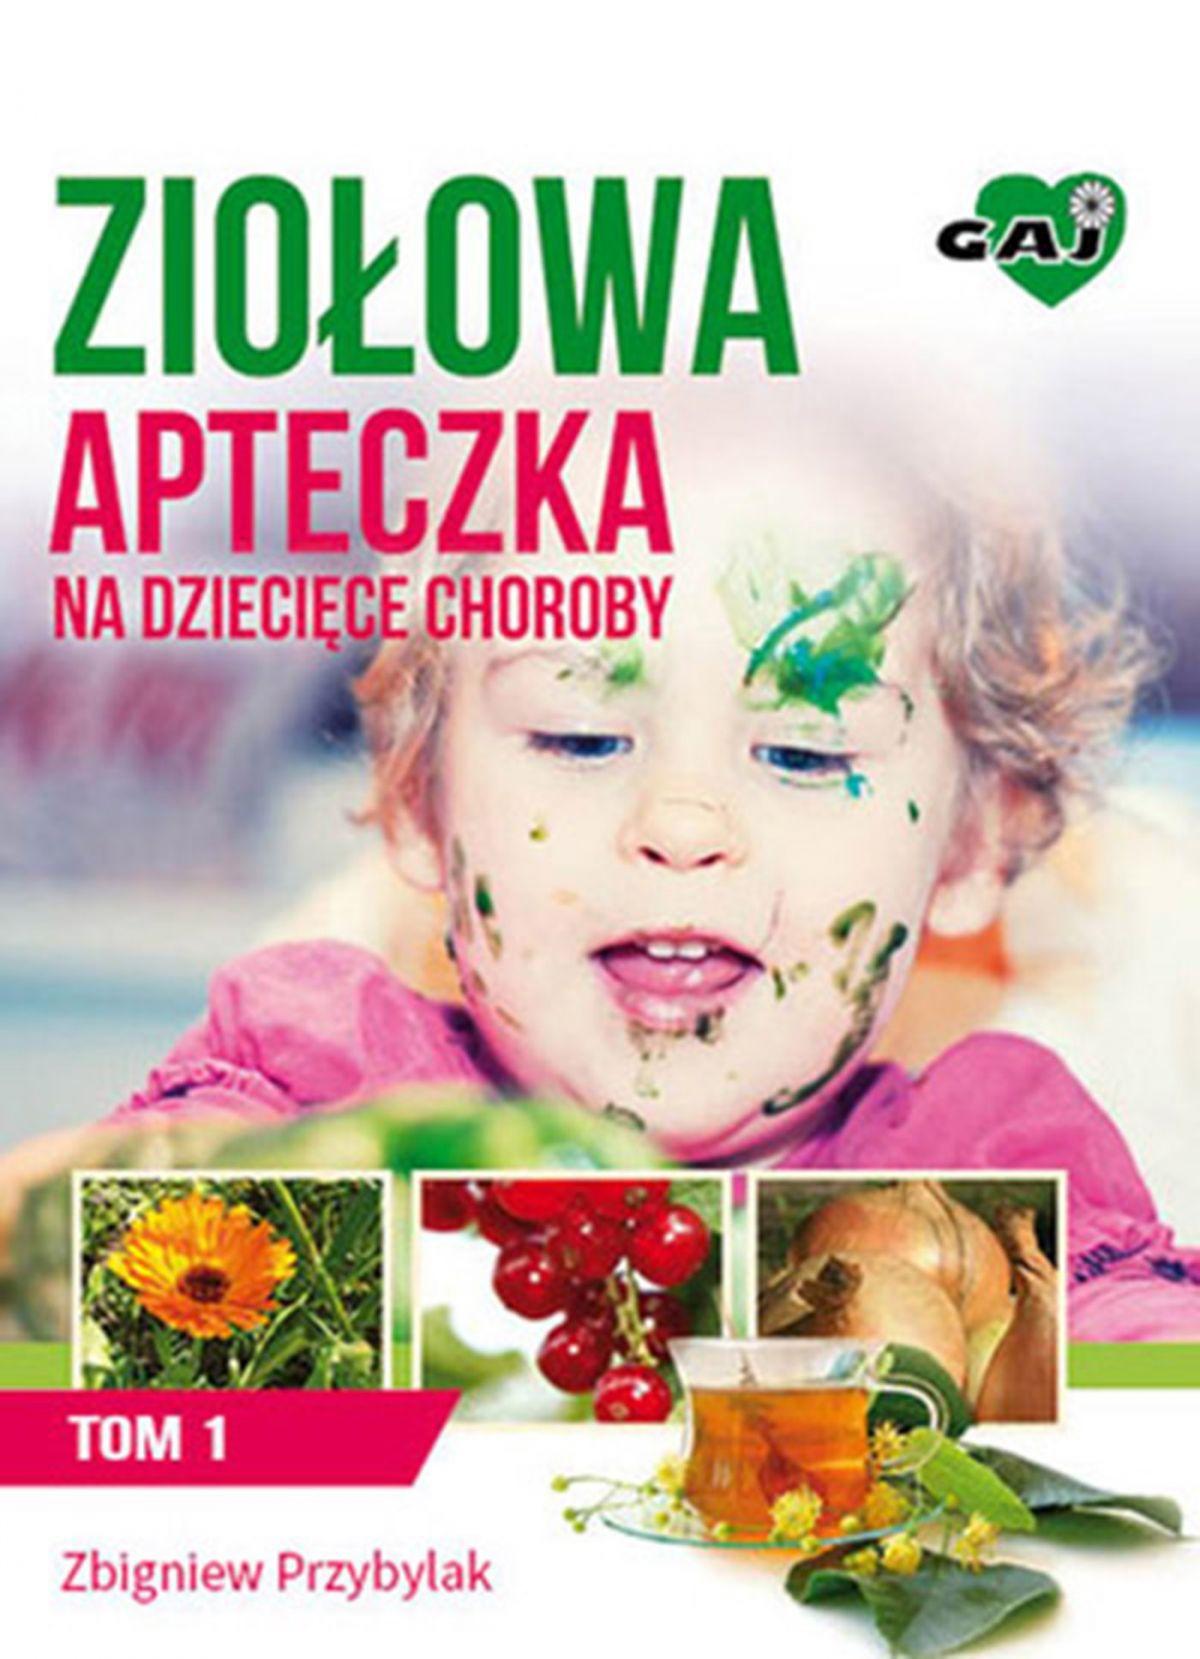 Ziołowa Apteczka na Dziecięce Choroby. Tom 1 - Ebook (Książka EPUB) do pobrania w formacie EPUB